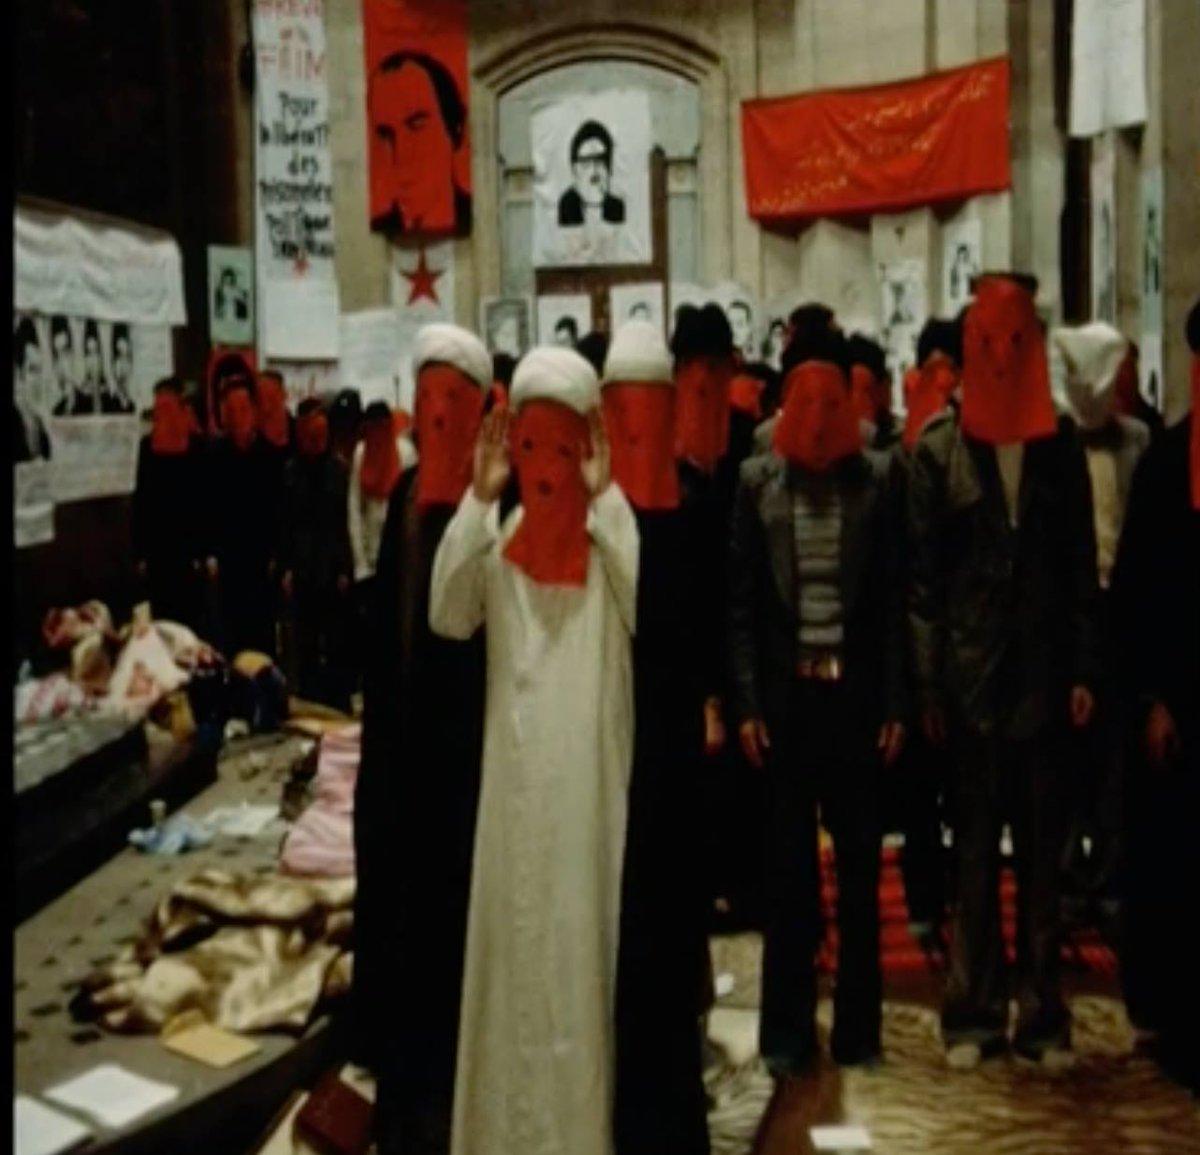 نماز جماعت چپها و اسلامگراها در کلیسایی در فرانسه در ماجرای انقلاب ۵۷